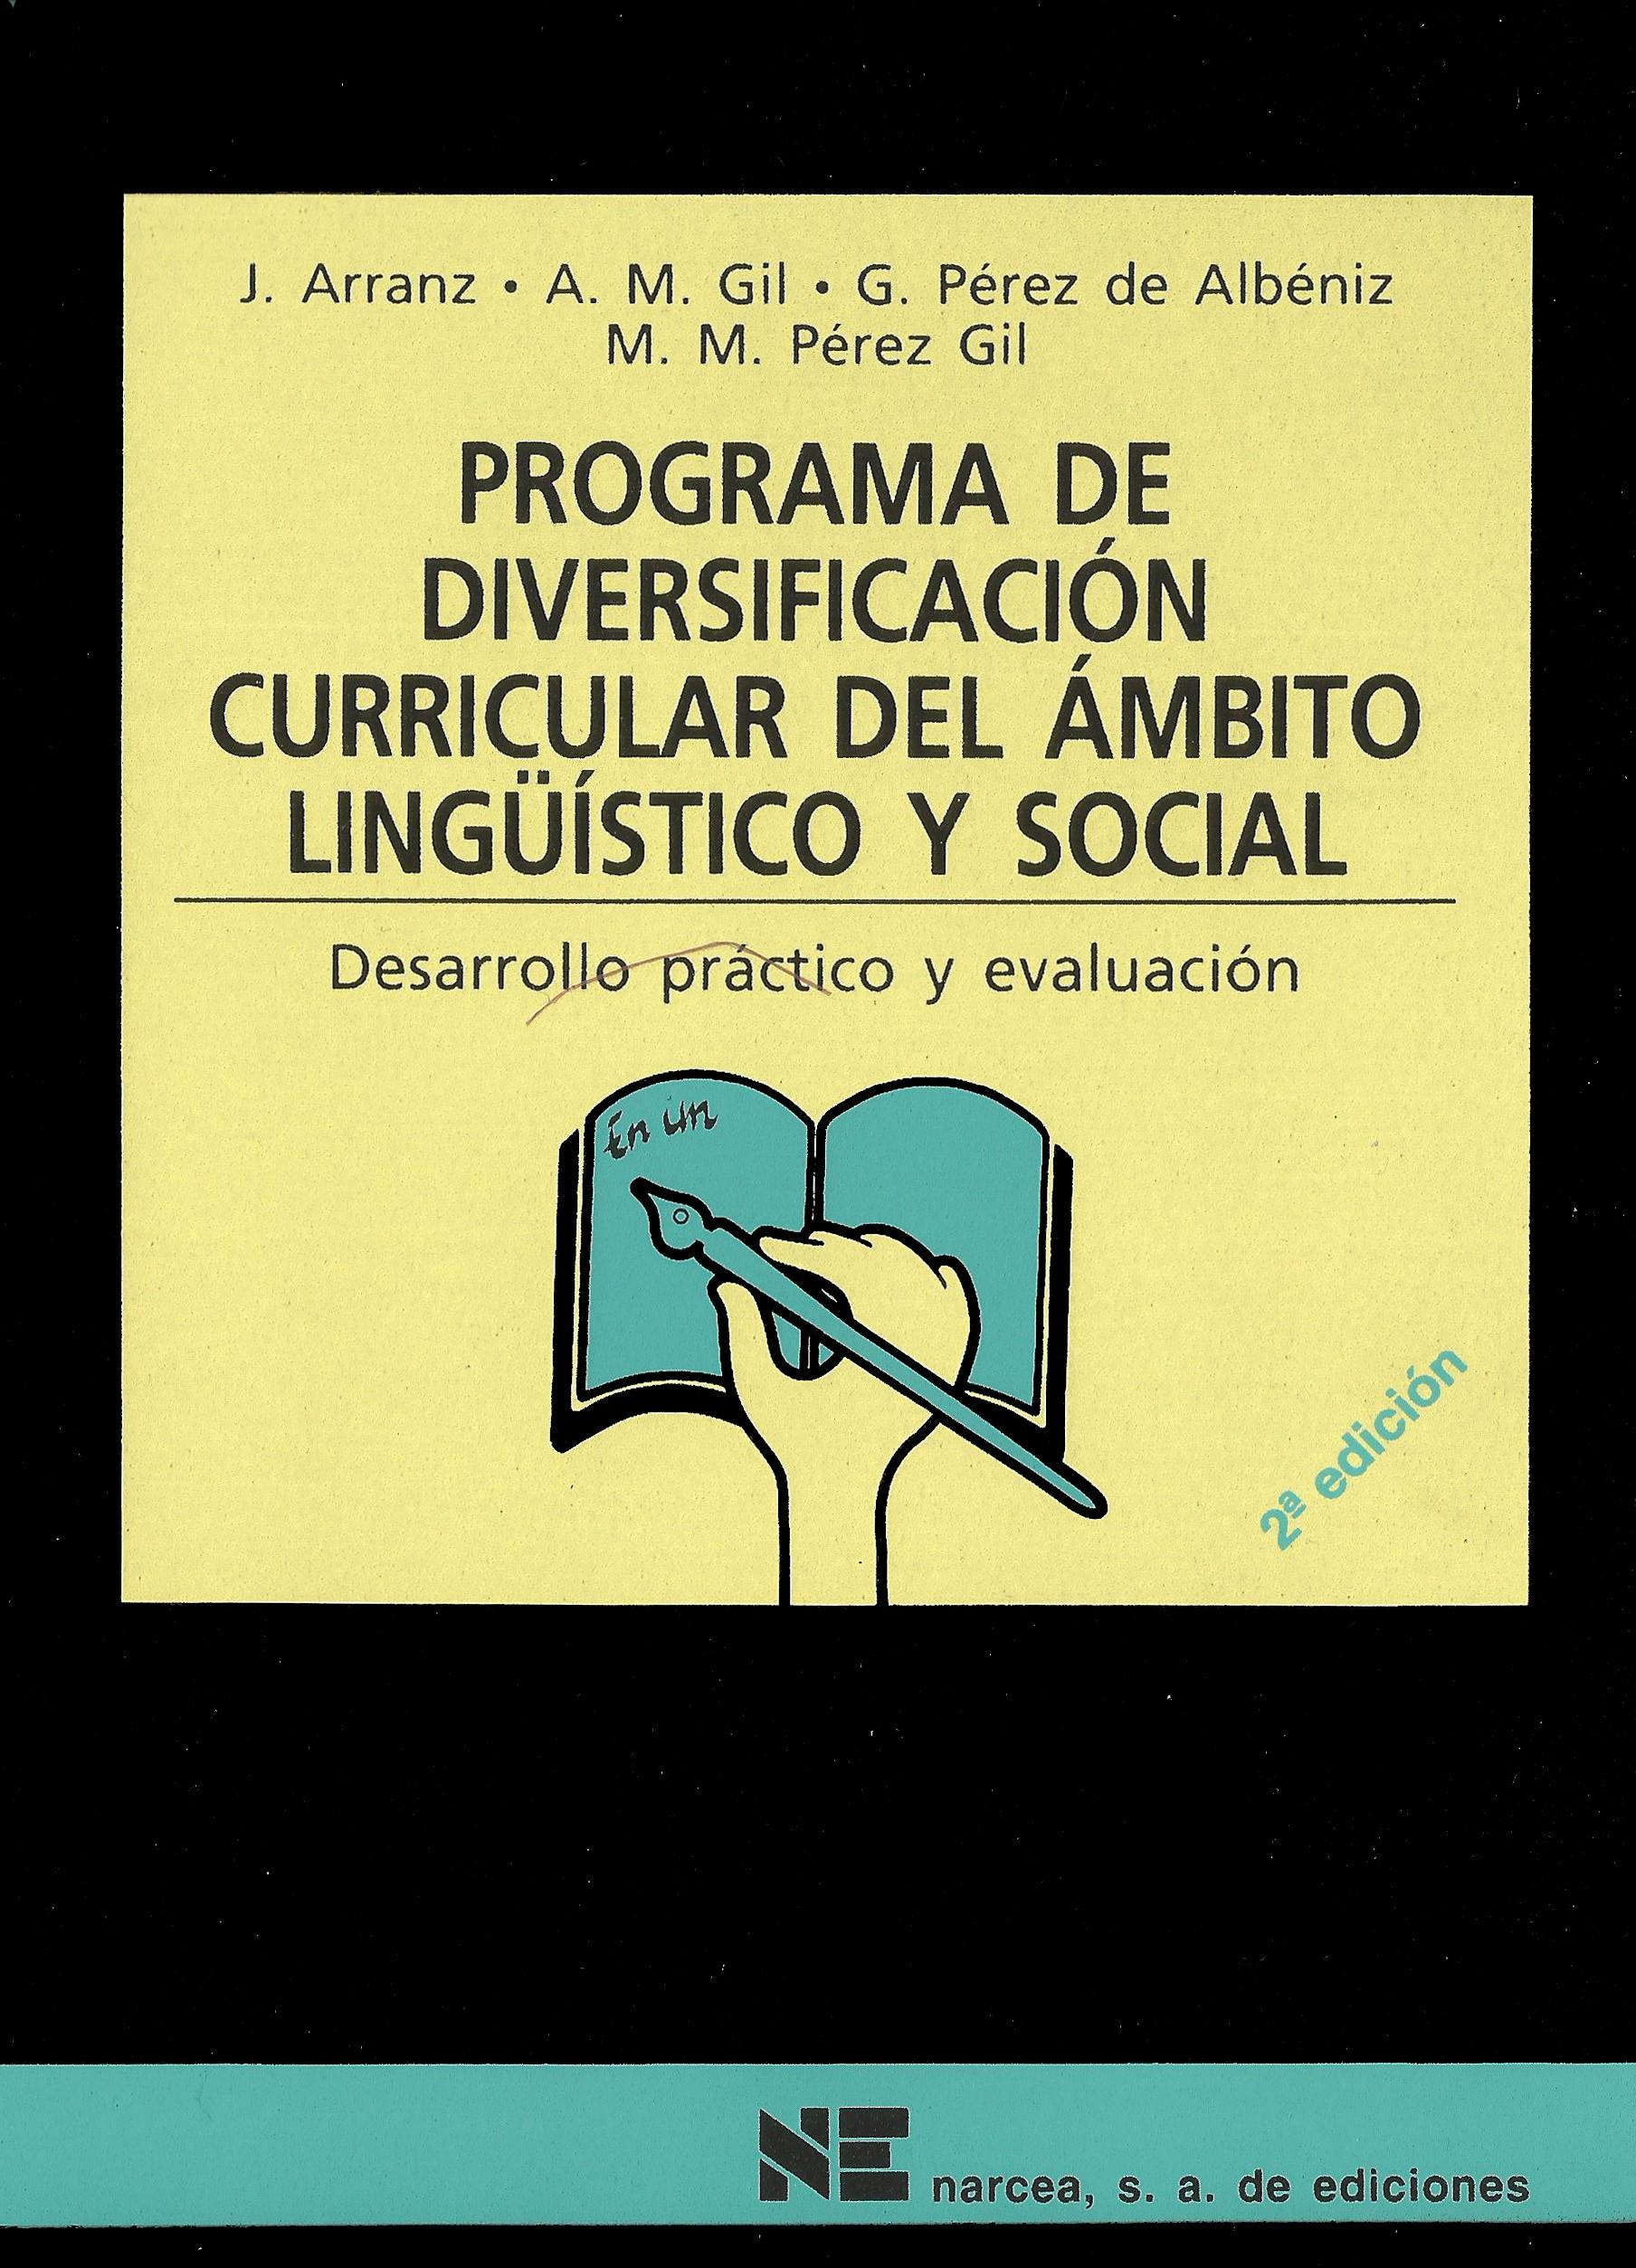 Programa de diversificacion curricular del ámbito lingüístico y social